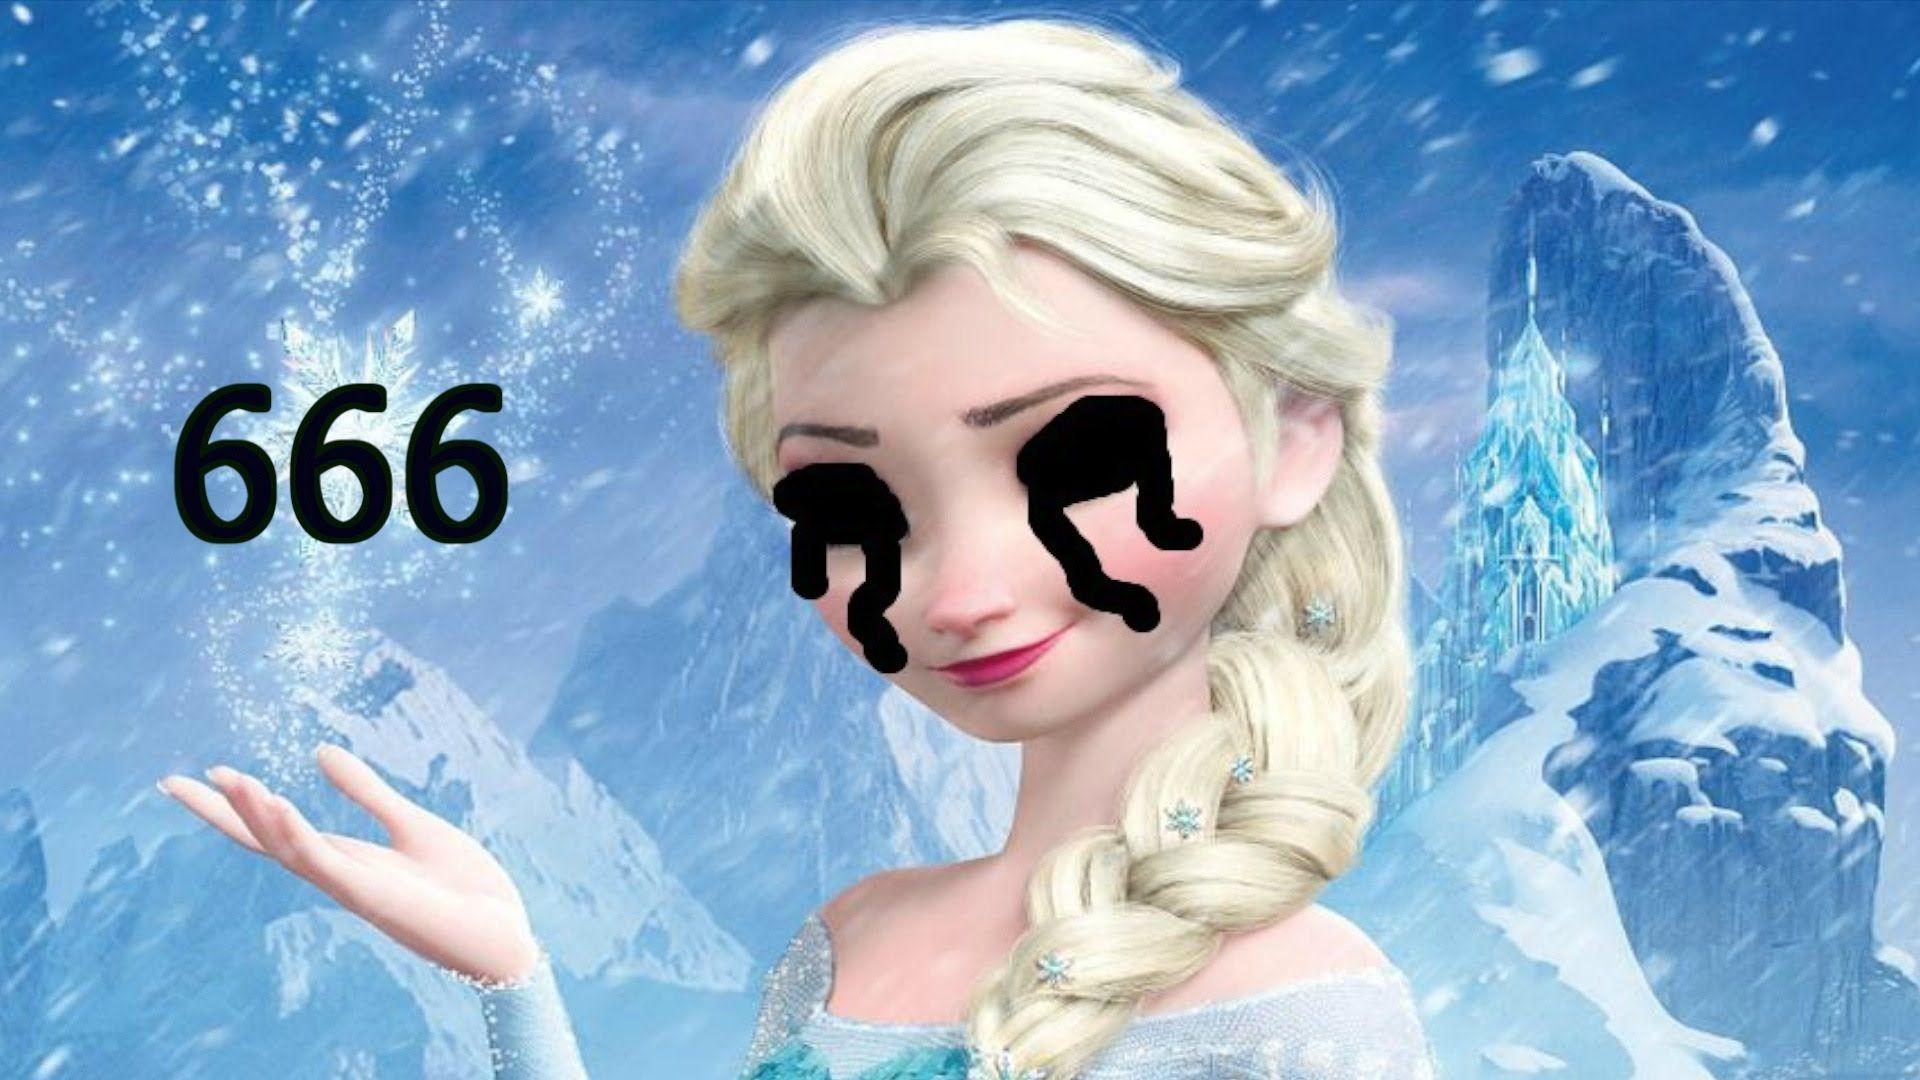 Disney Images Subliminales top 5 mensajes subliminales que aparecen en dibujos animados de